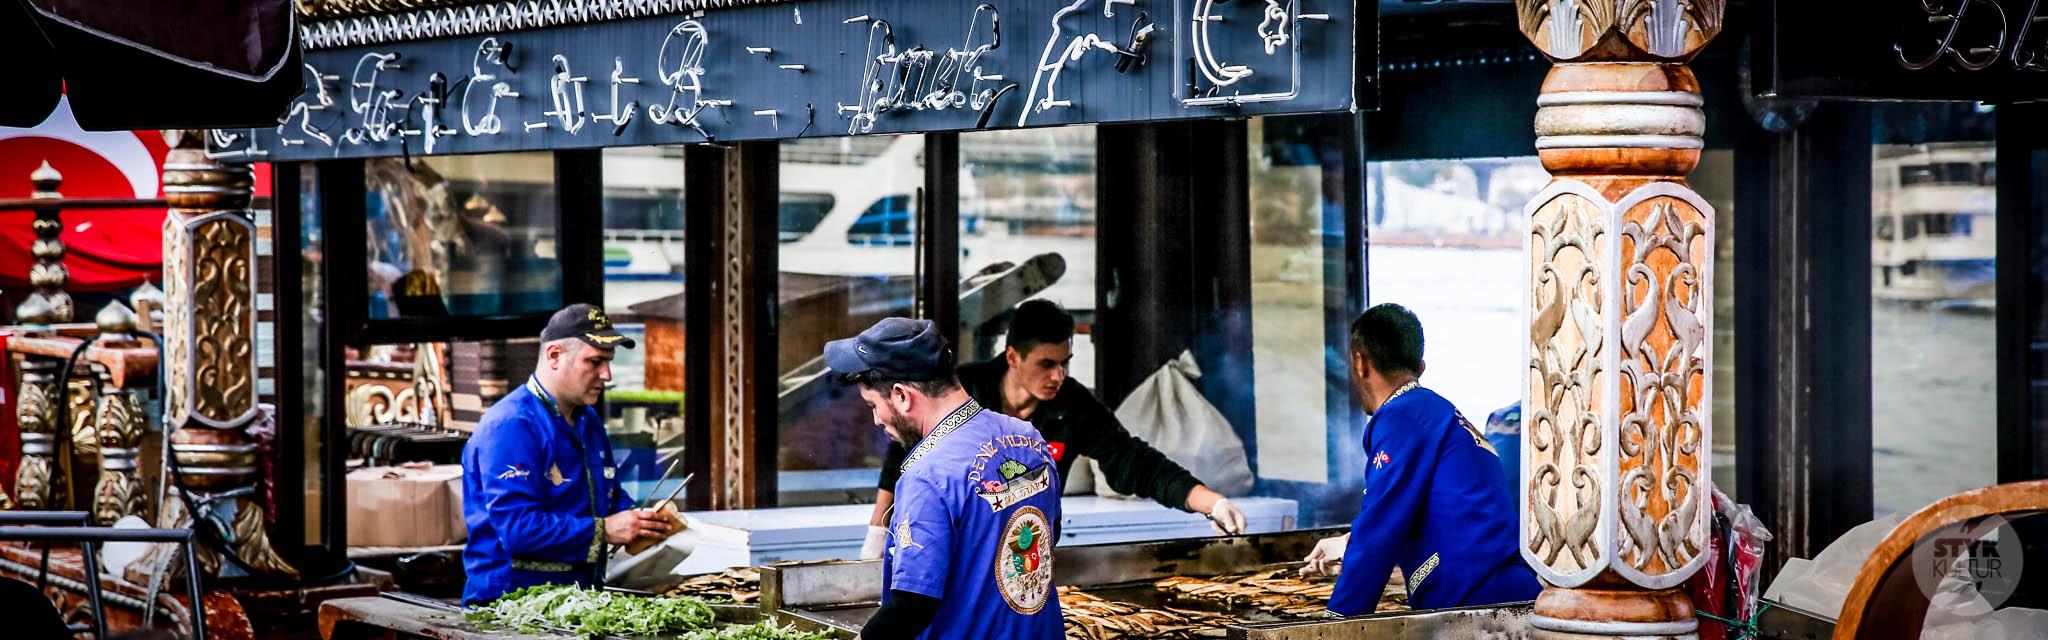 turcja streetfood 2 Turecka kuchnia   street food, czyli uliczne przysmaki królujące nad Bosforem